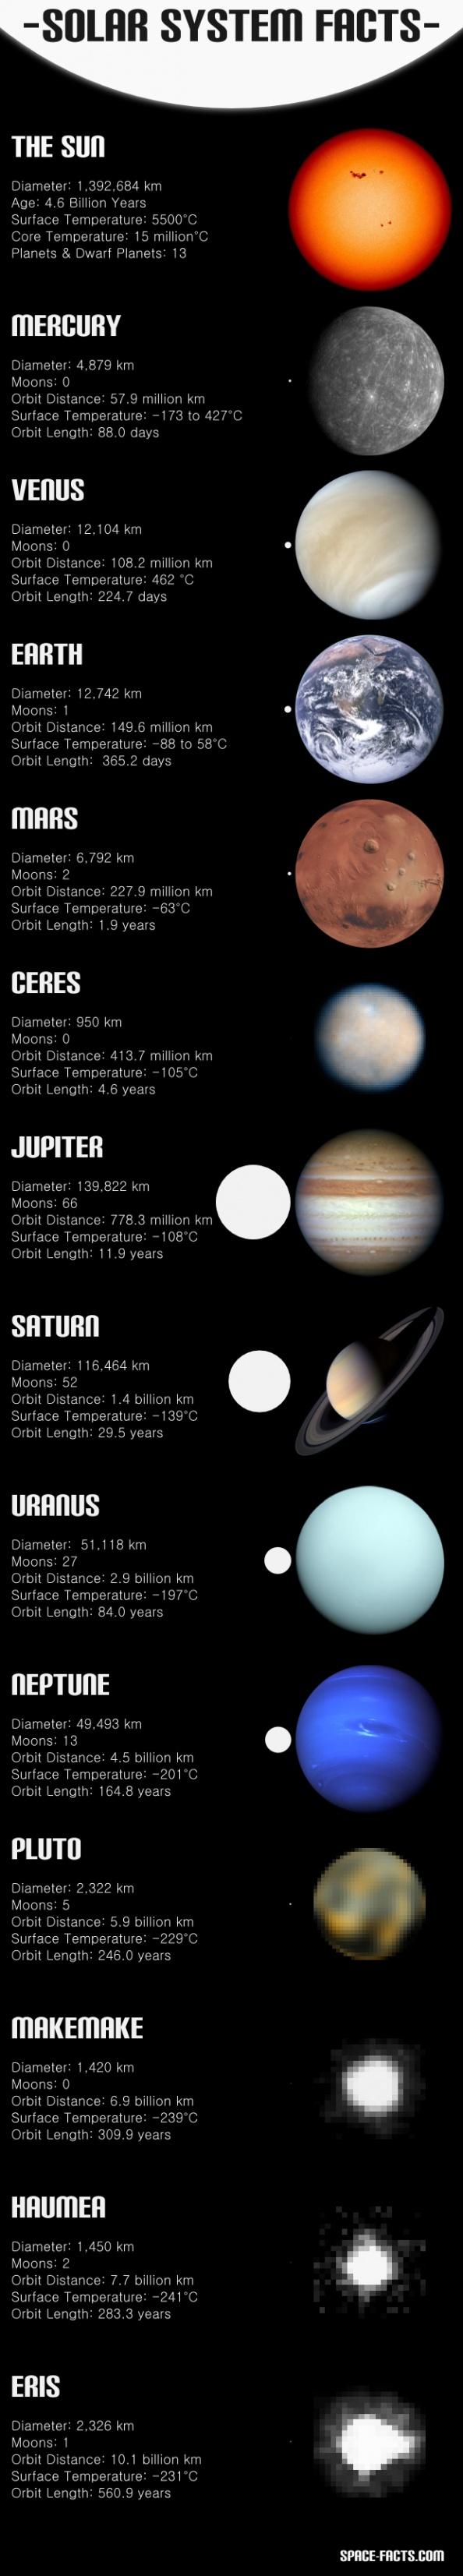 fact uranu solar system - photo #39